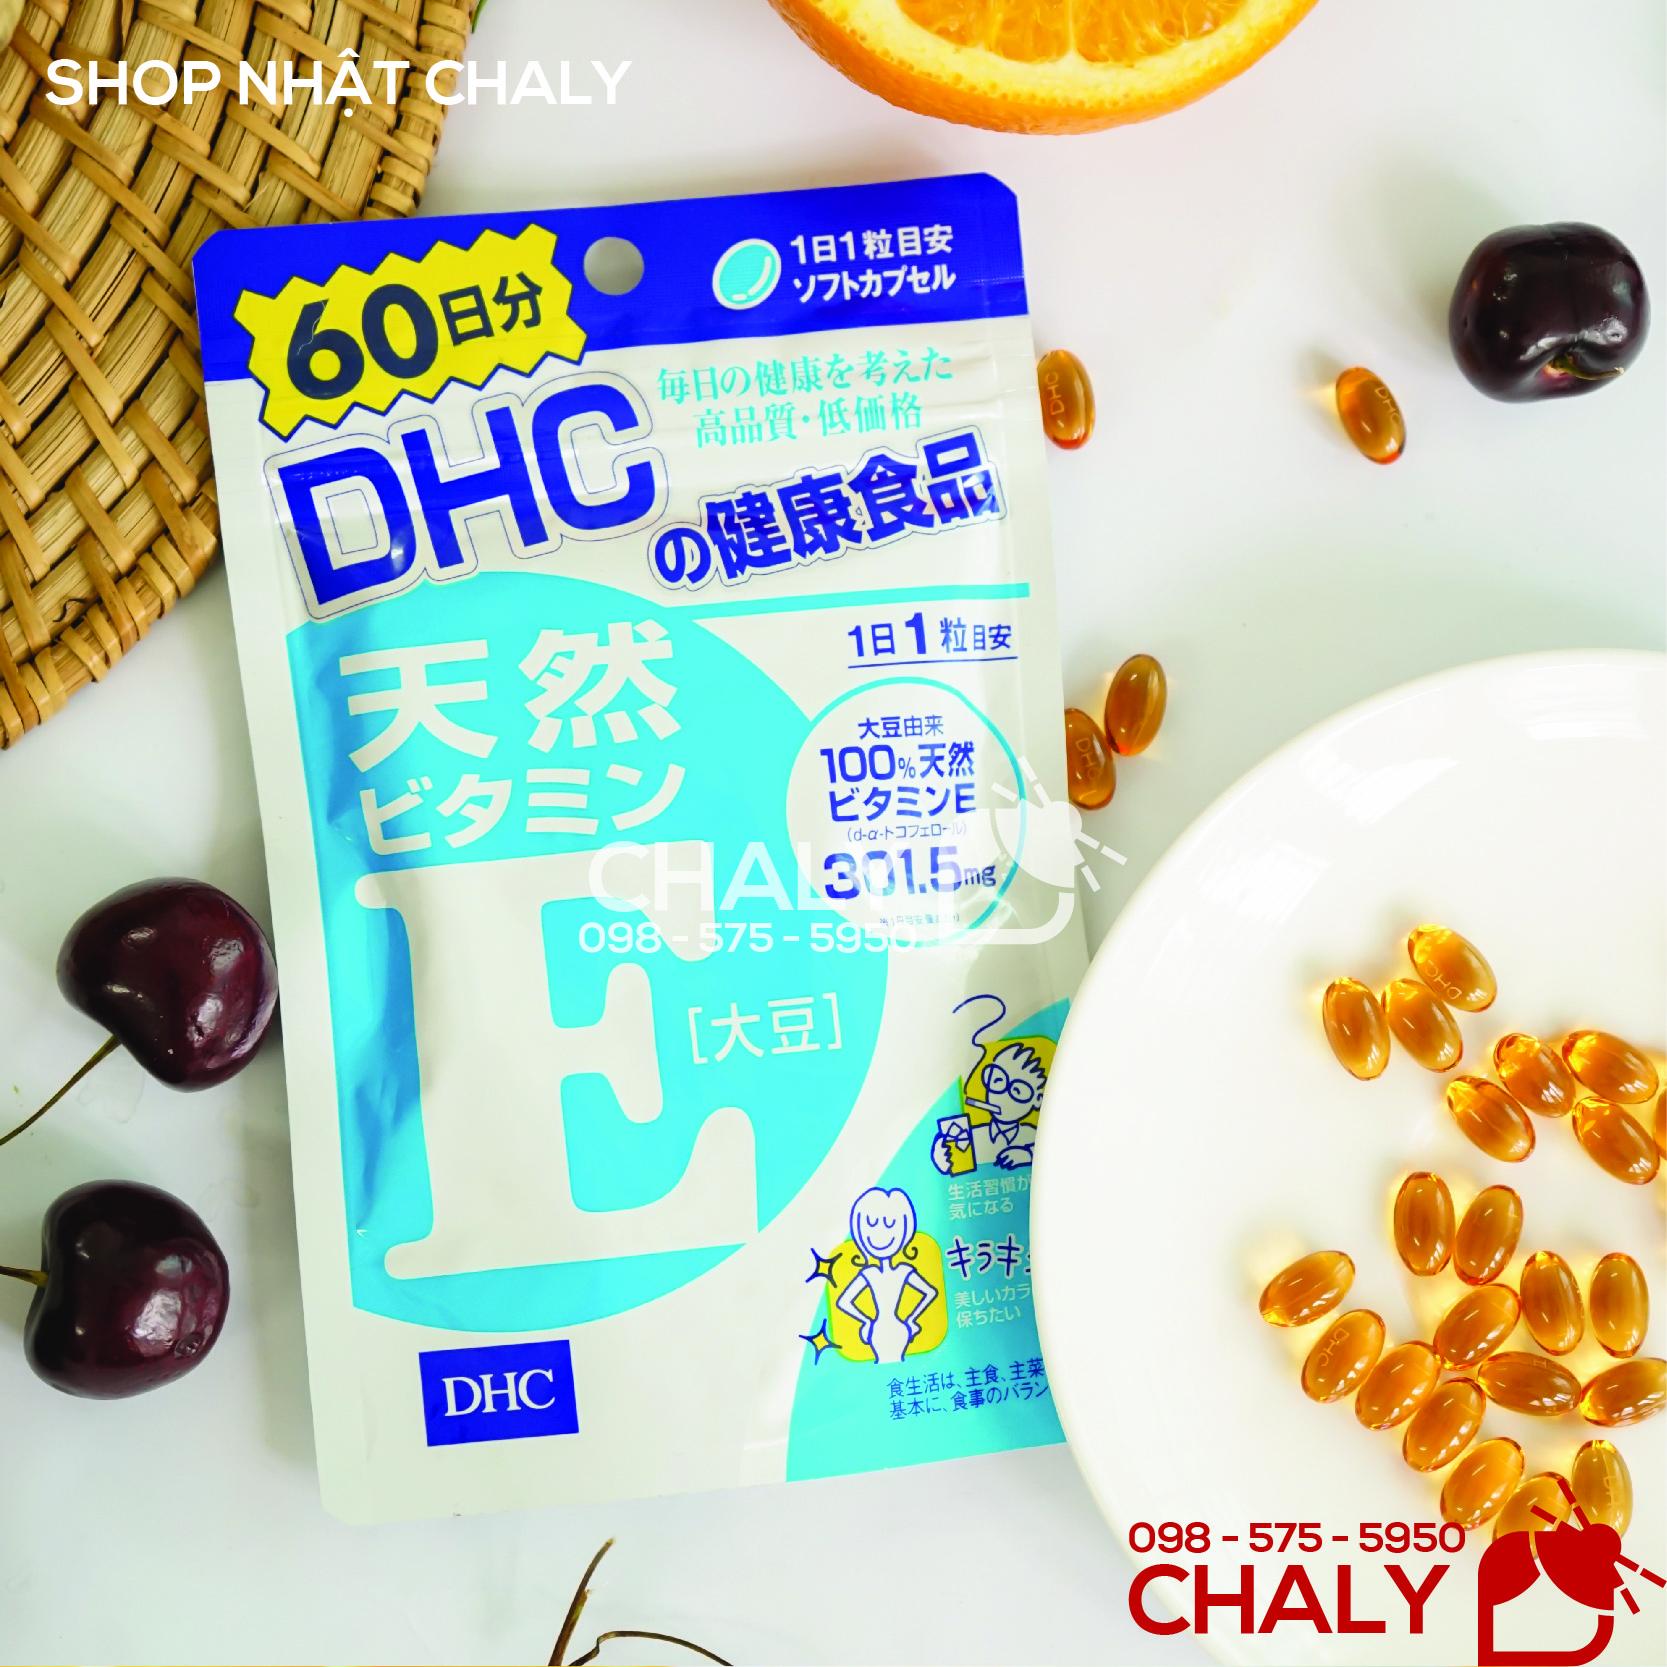 Người dùng review viên uống DHC vitamin E nguồn gốc thiên nhiên lành tính, không tác dụng phụ, là viên vitamin e tốt nhất hiện nay ở Nhật Bản